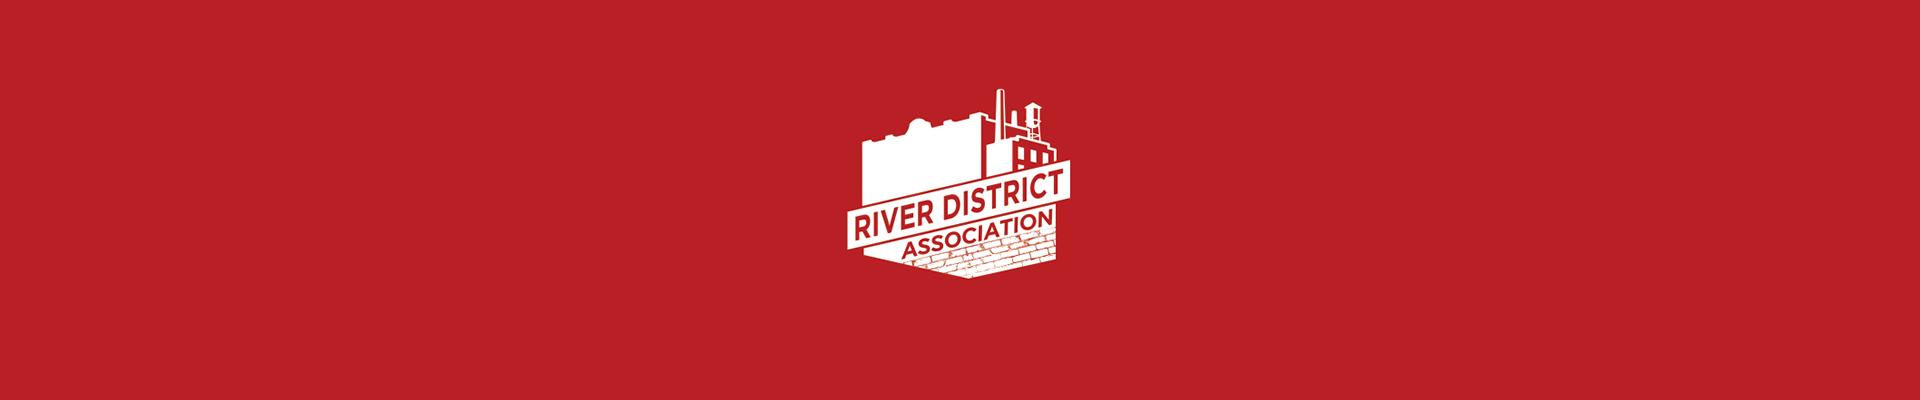 river district association